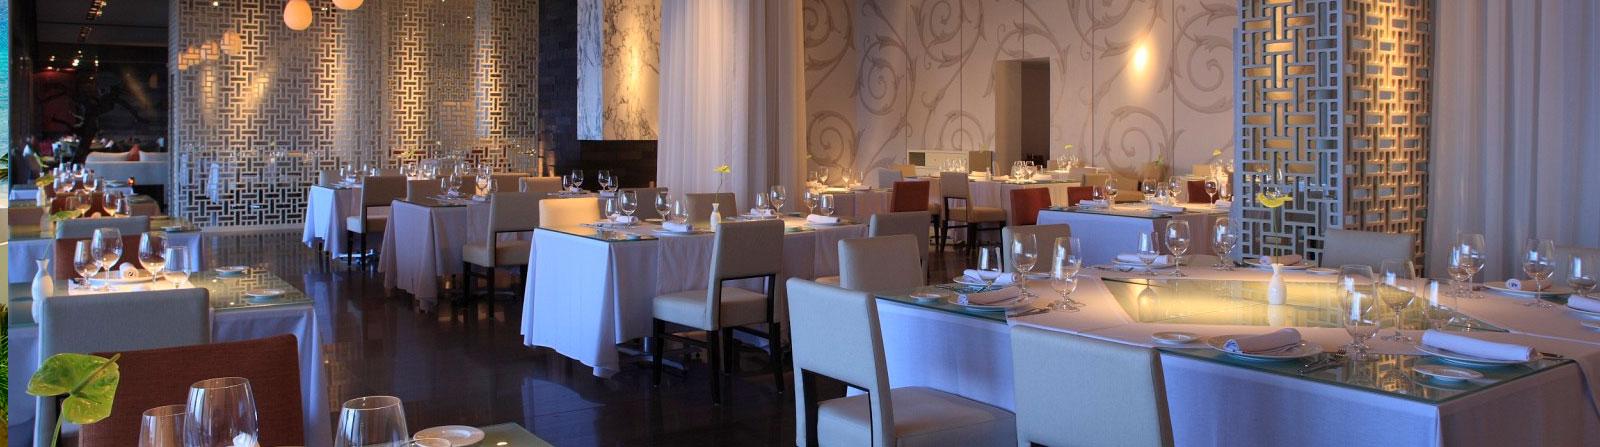 Dining at Grand Velas Riviera Maya Mexico